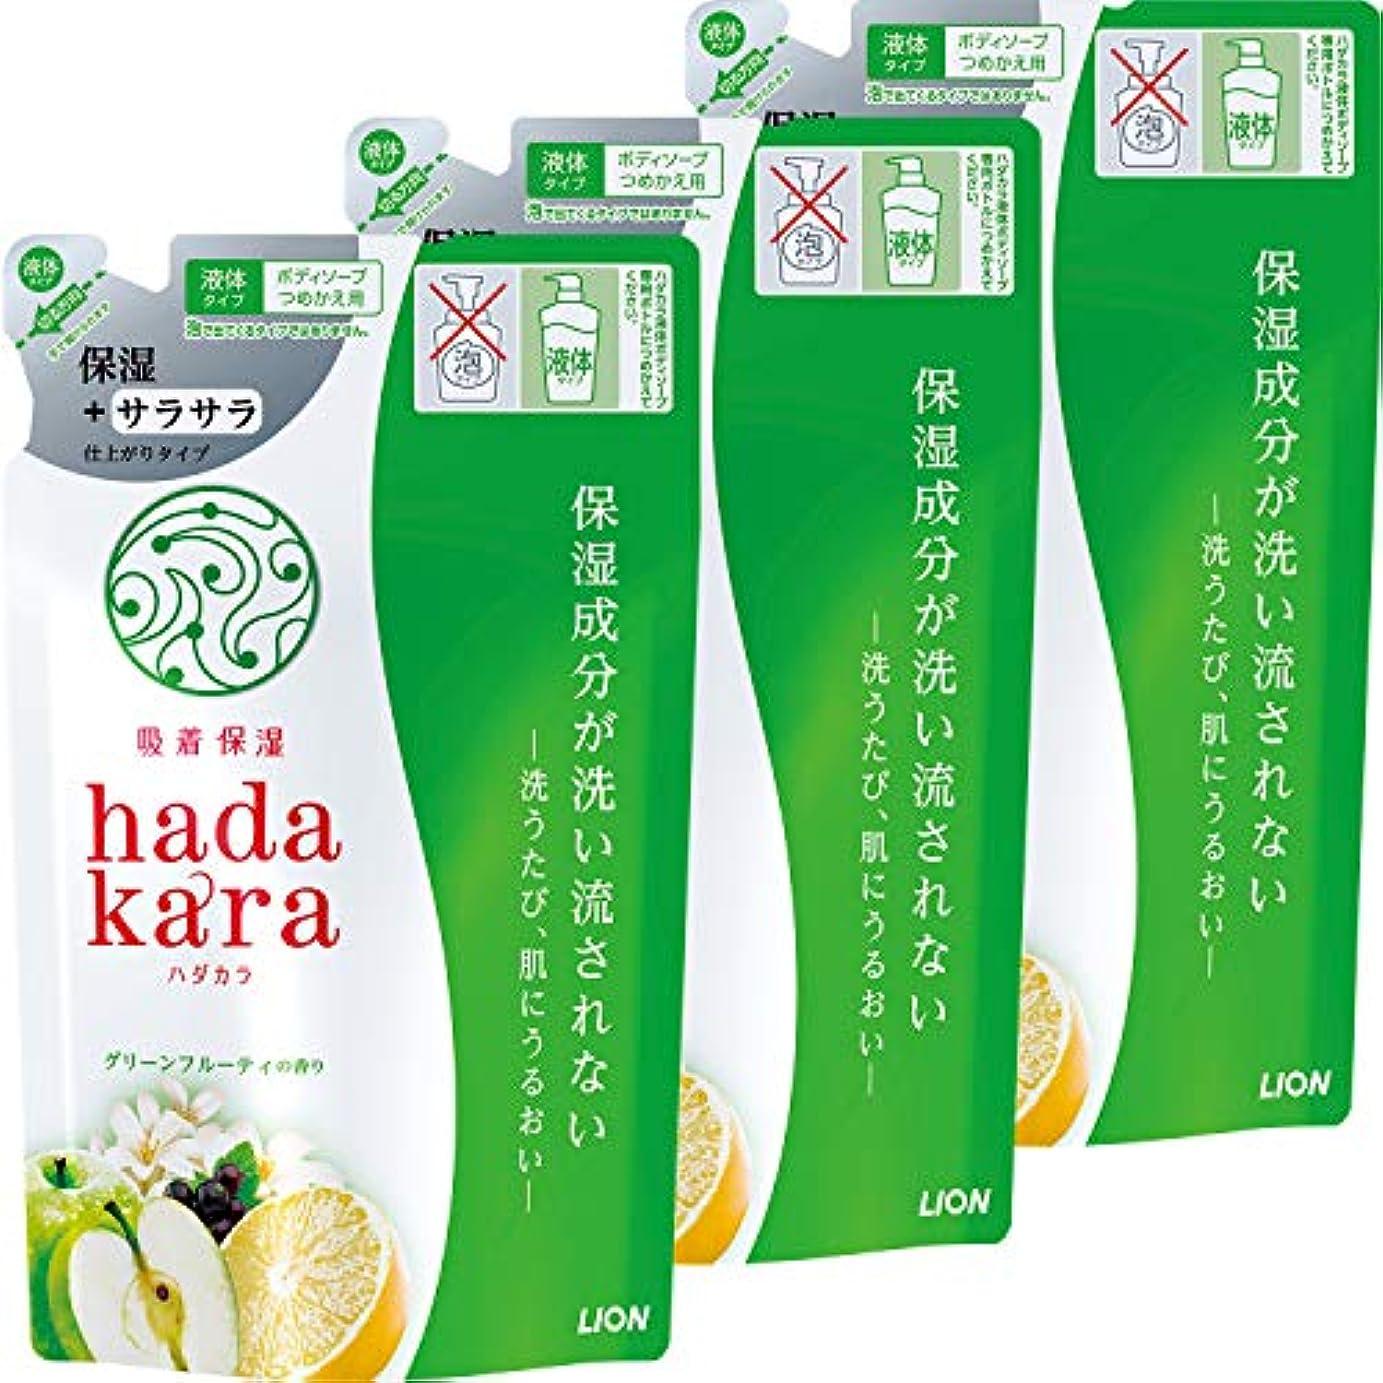 下向き証明おそらくhadakara(ハダカラ) ボディソープ 保湿+サラサラ仕上がりタイプ グリーンフルーティの香り つめかえ340ml×3個 グリーンフルーティ(保湿+サラサラ仕上がり) 詰替え用